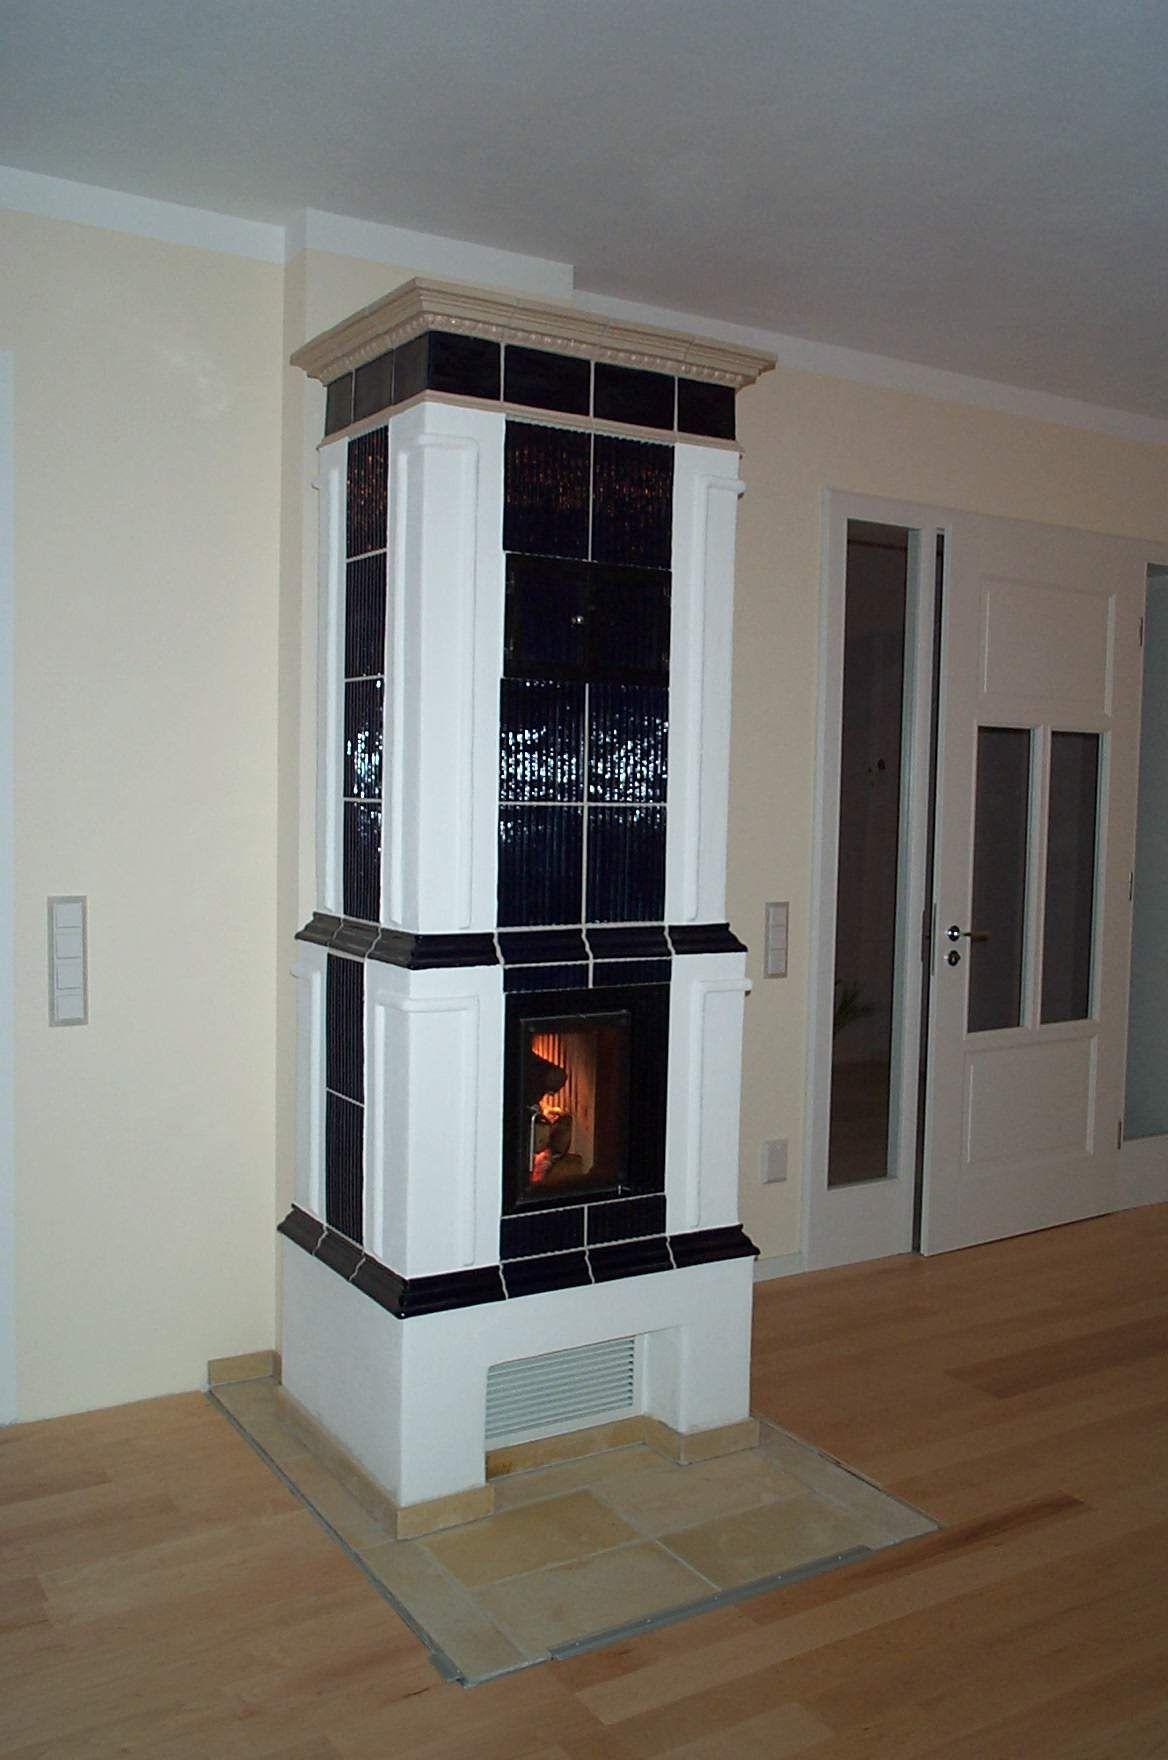 ofen mit gebrannten kacheln kachelofen kamin fireplace stil fen. Black Bedroom Furniture Sets. Home Design Ideas